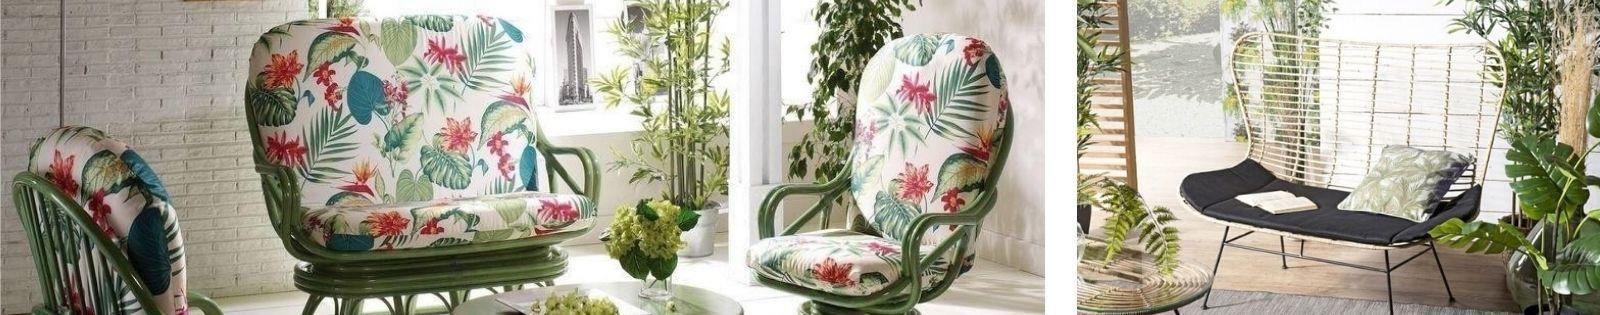 Salon en rotin : canapé, fauteuil, table basse de qualité - Lotuséa